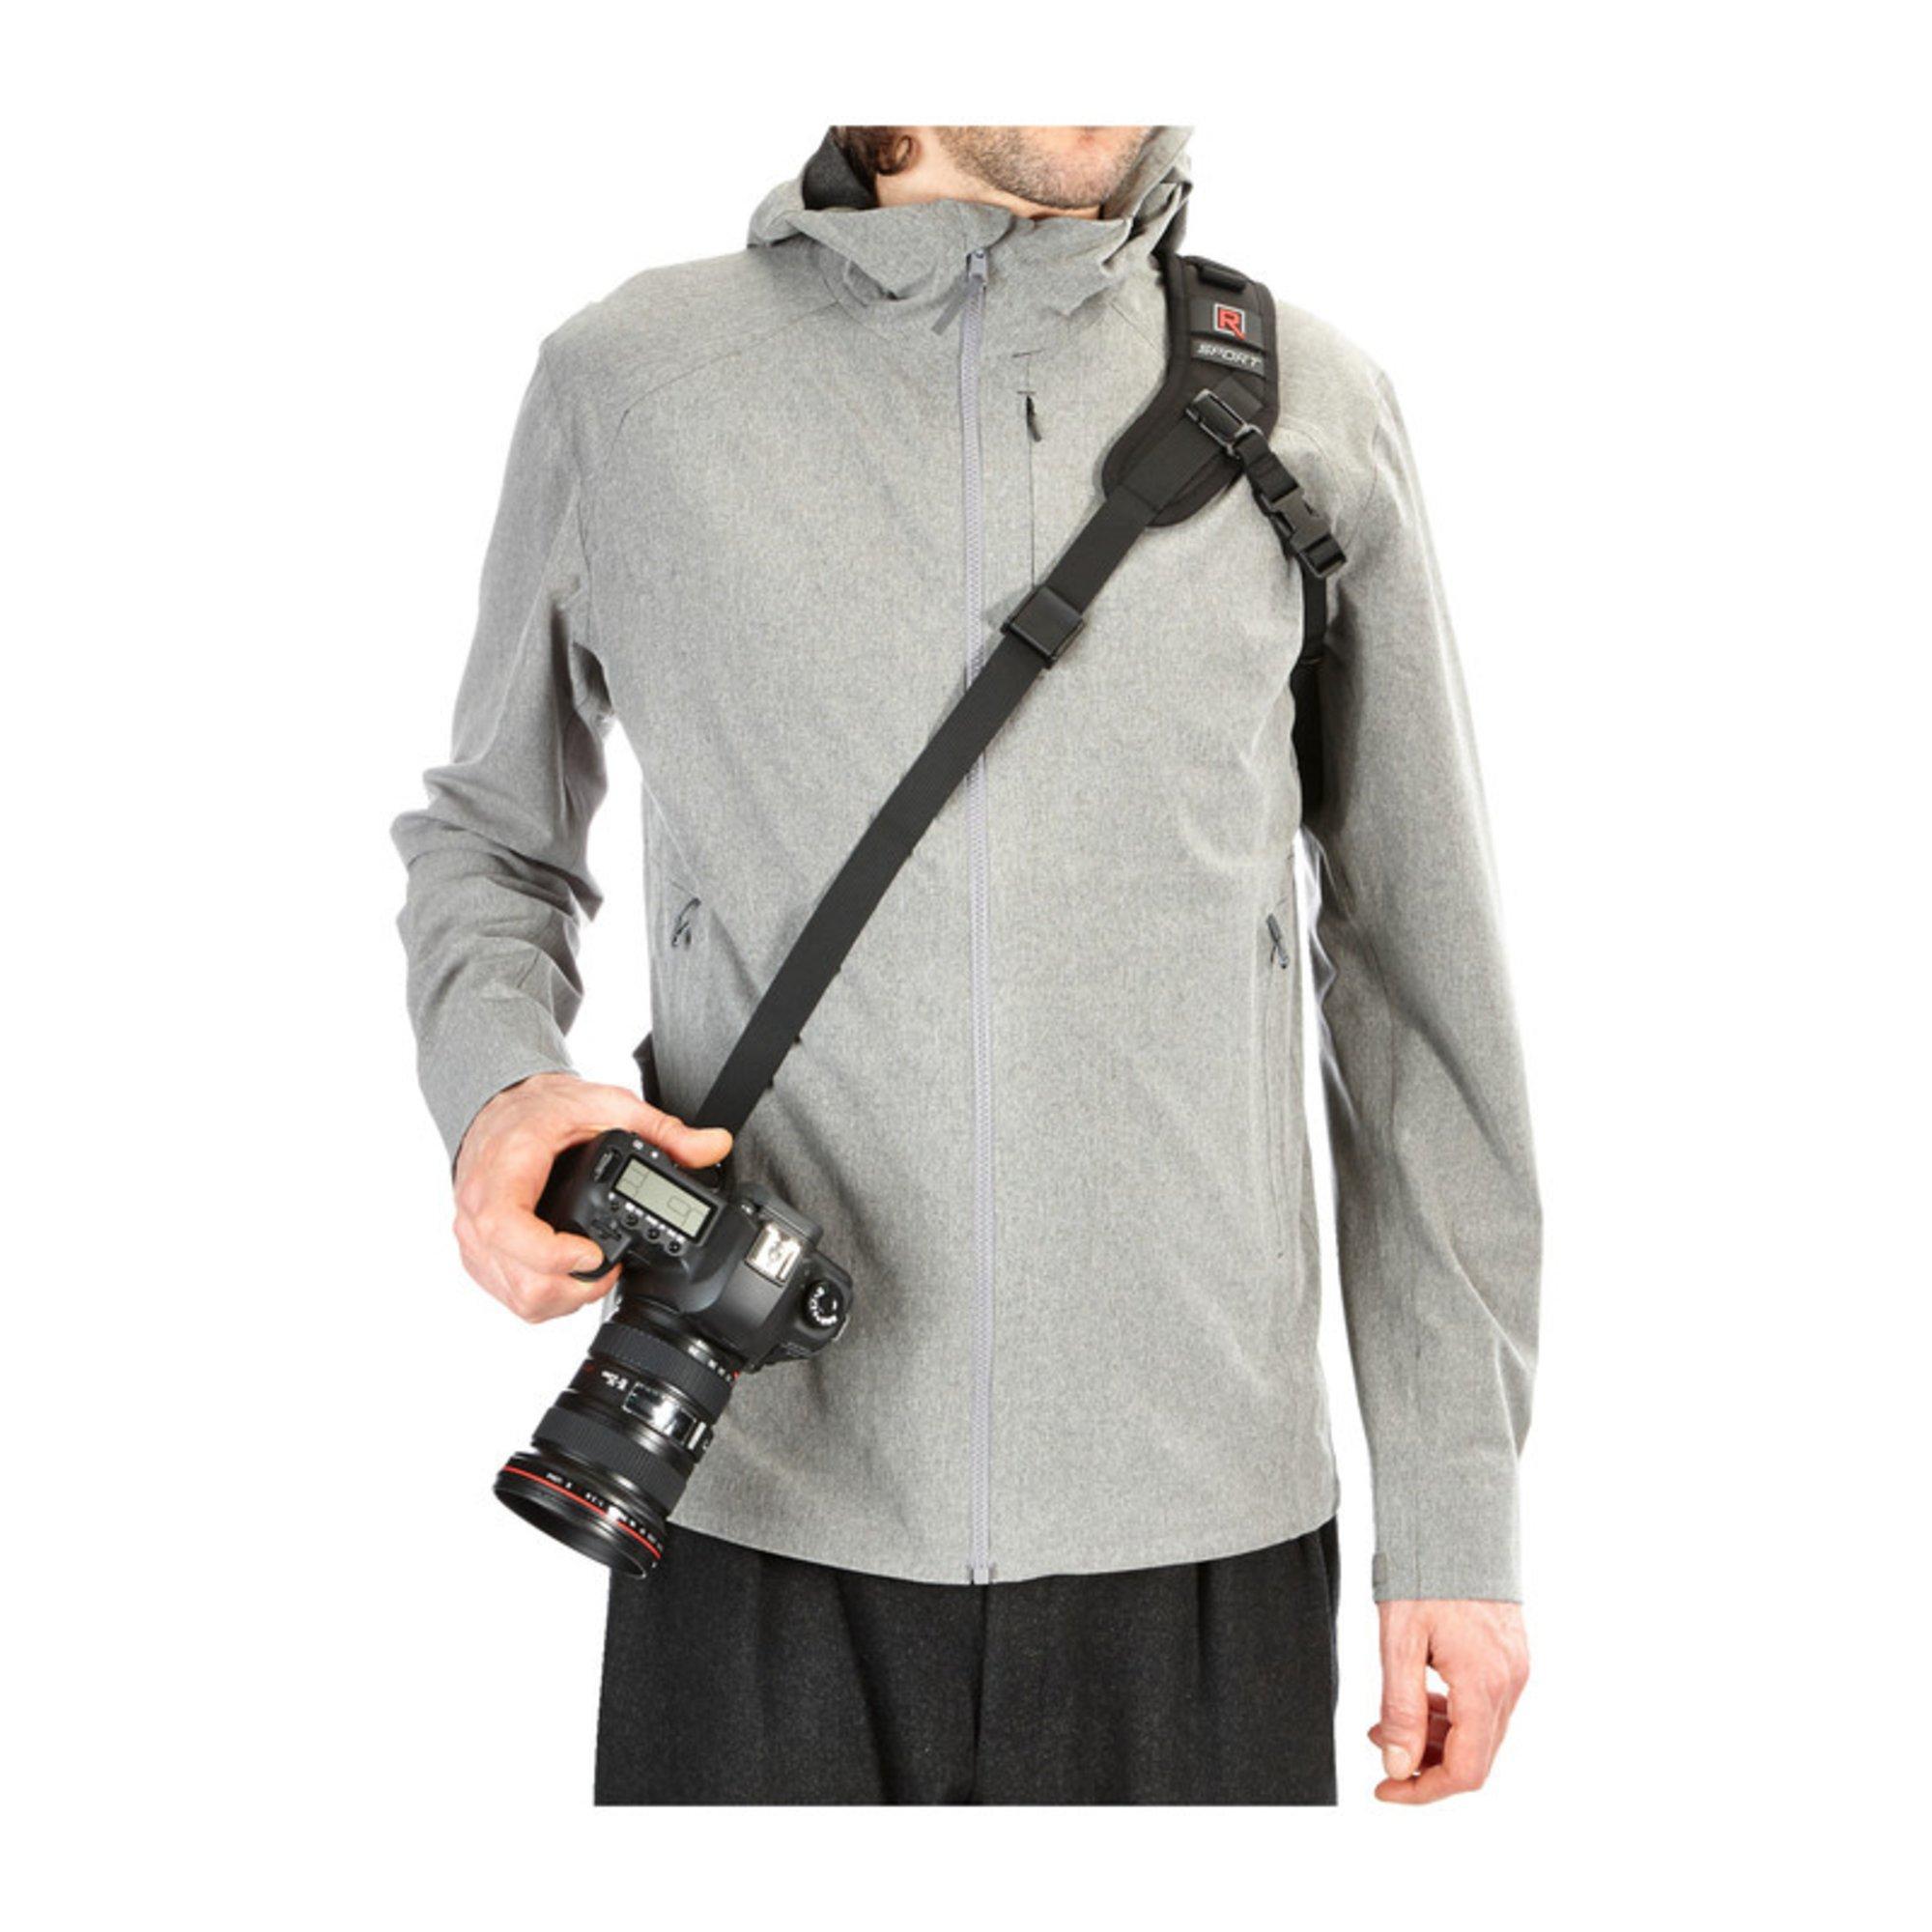 (ausverkauft) Blackrapid R-Strap Sport Kameragurt [Globetrotter]